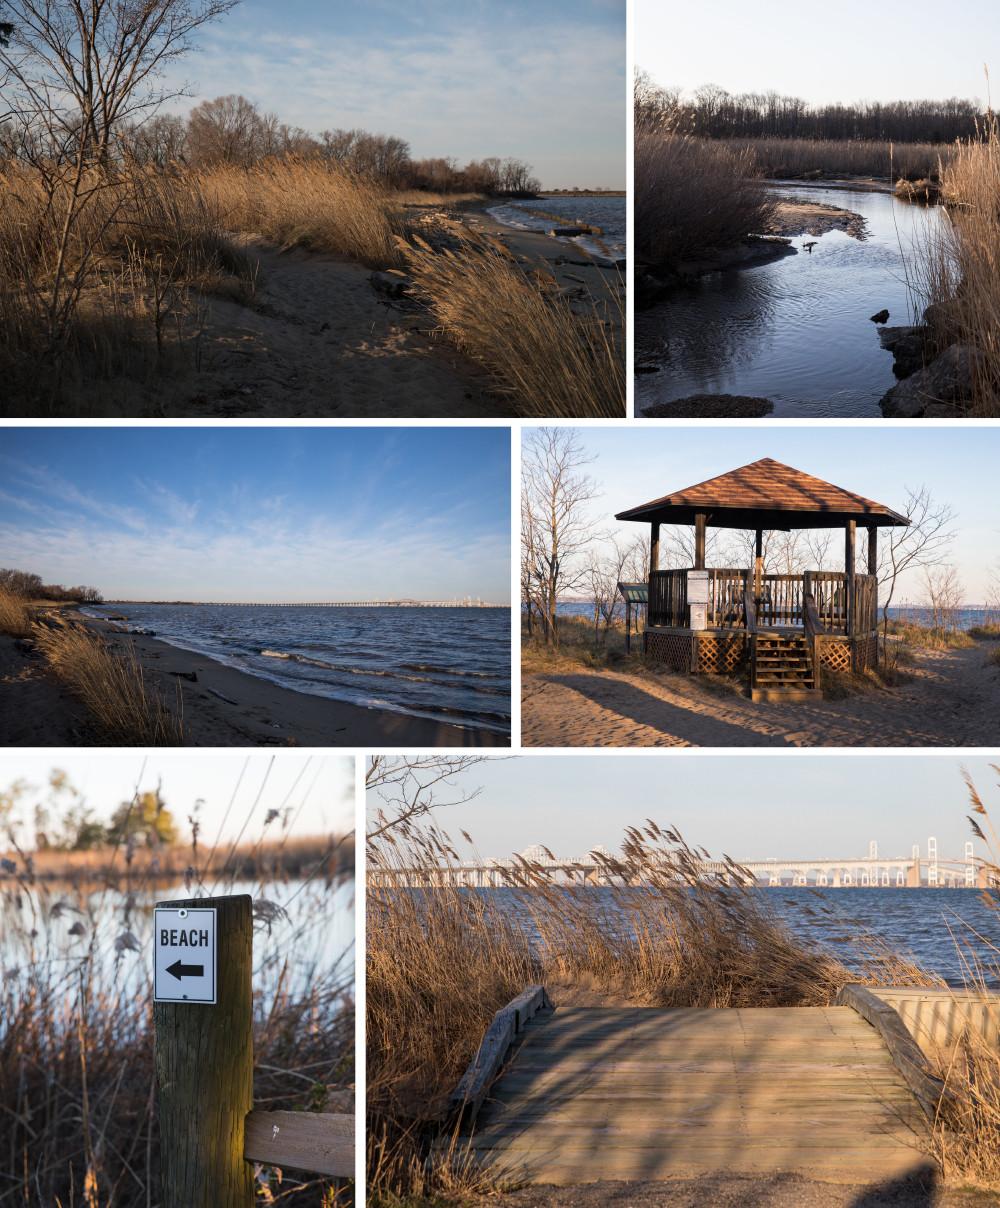 Queen Anne's County: Terrapin Beach Park